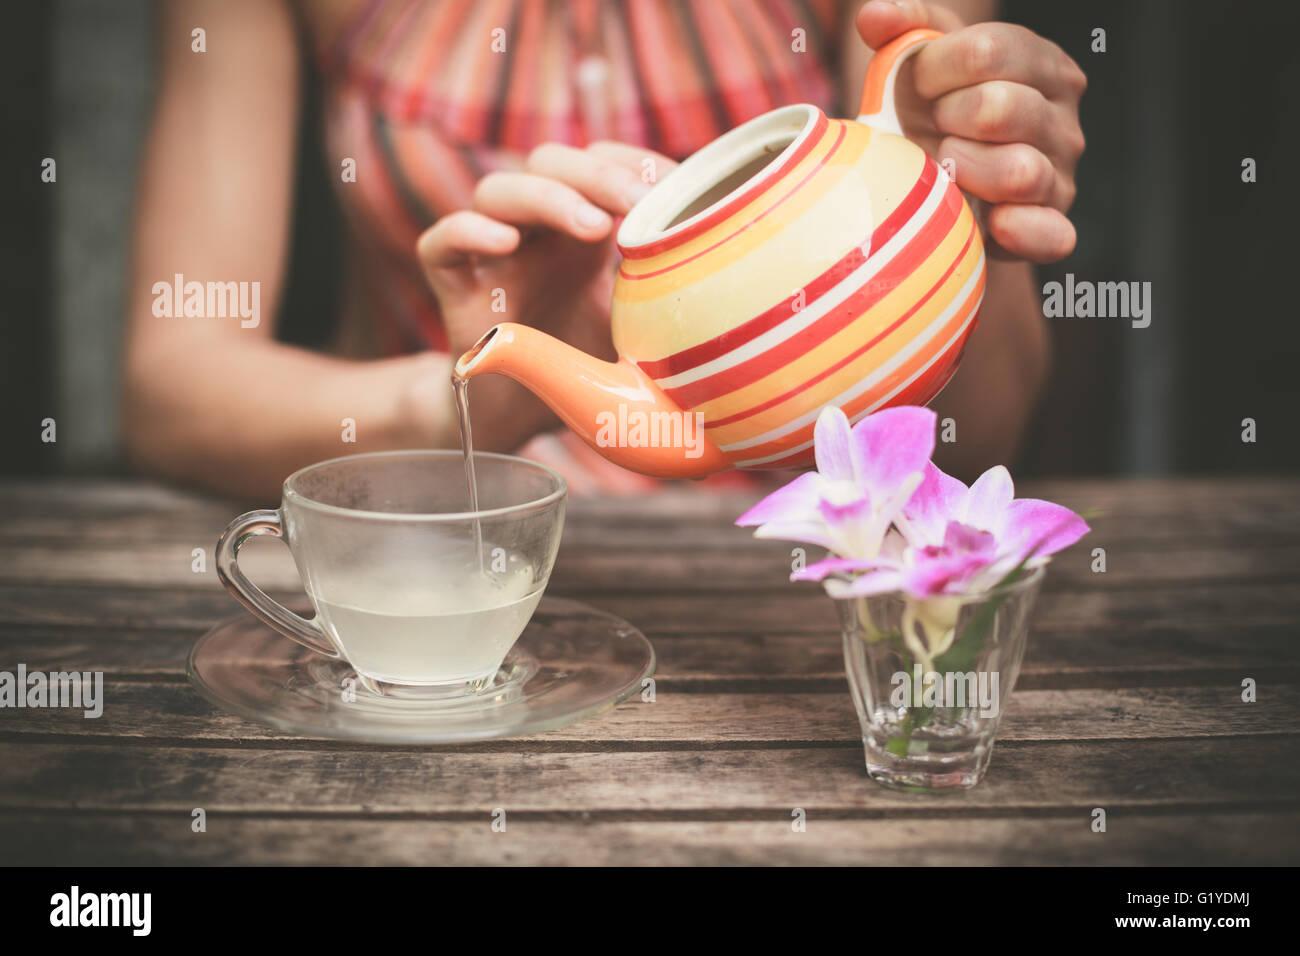 Une jeune femme est assise à une table et verse une tasse de thé Photo Stock